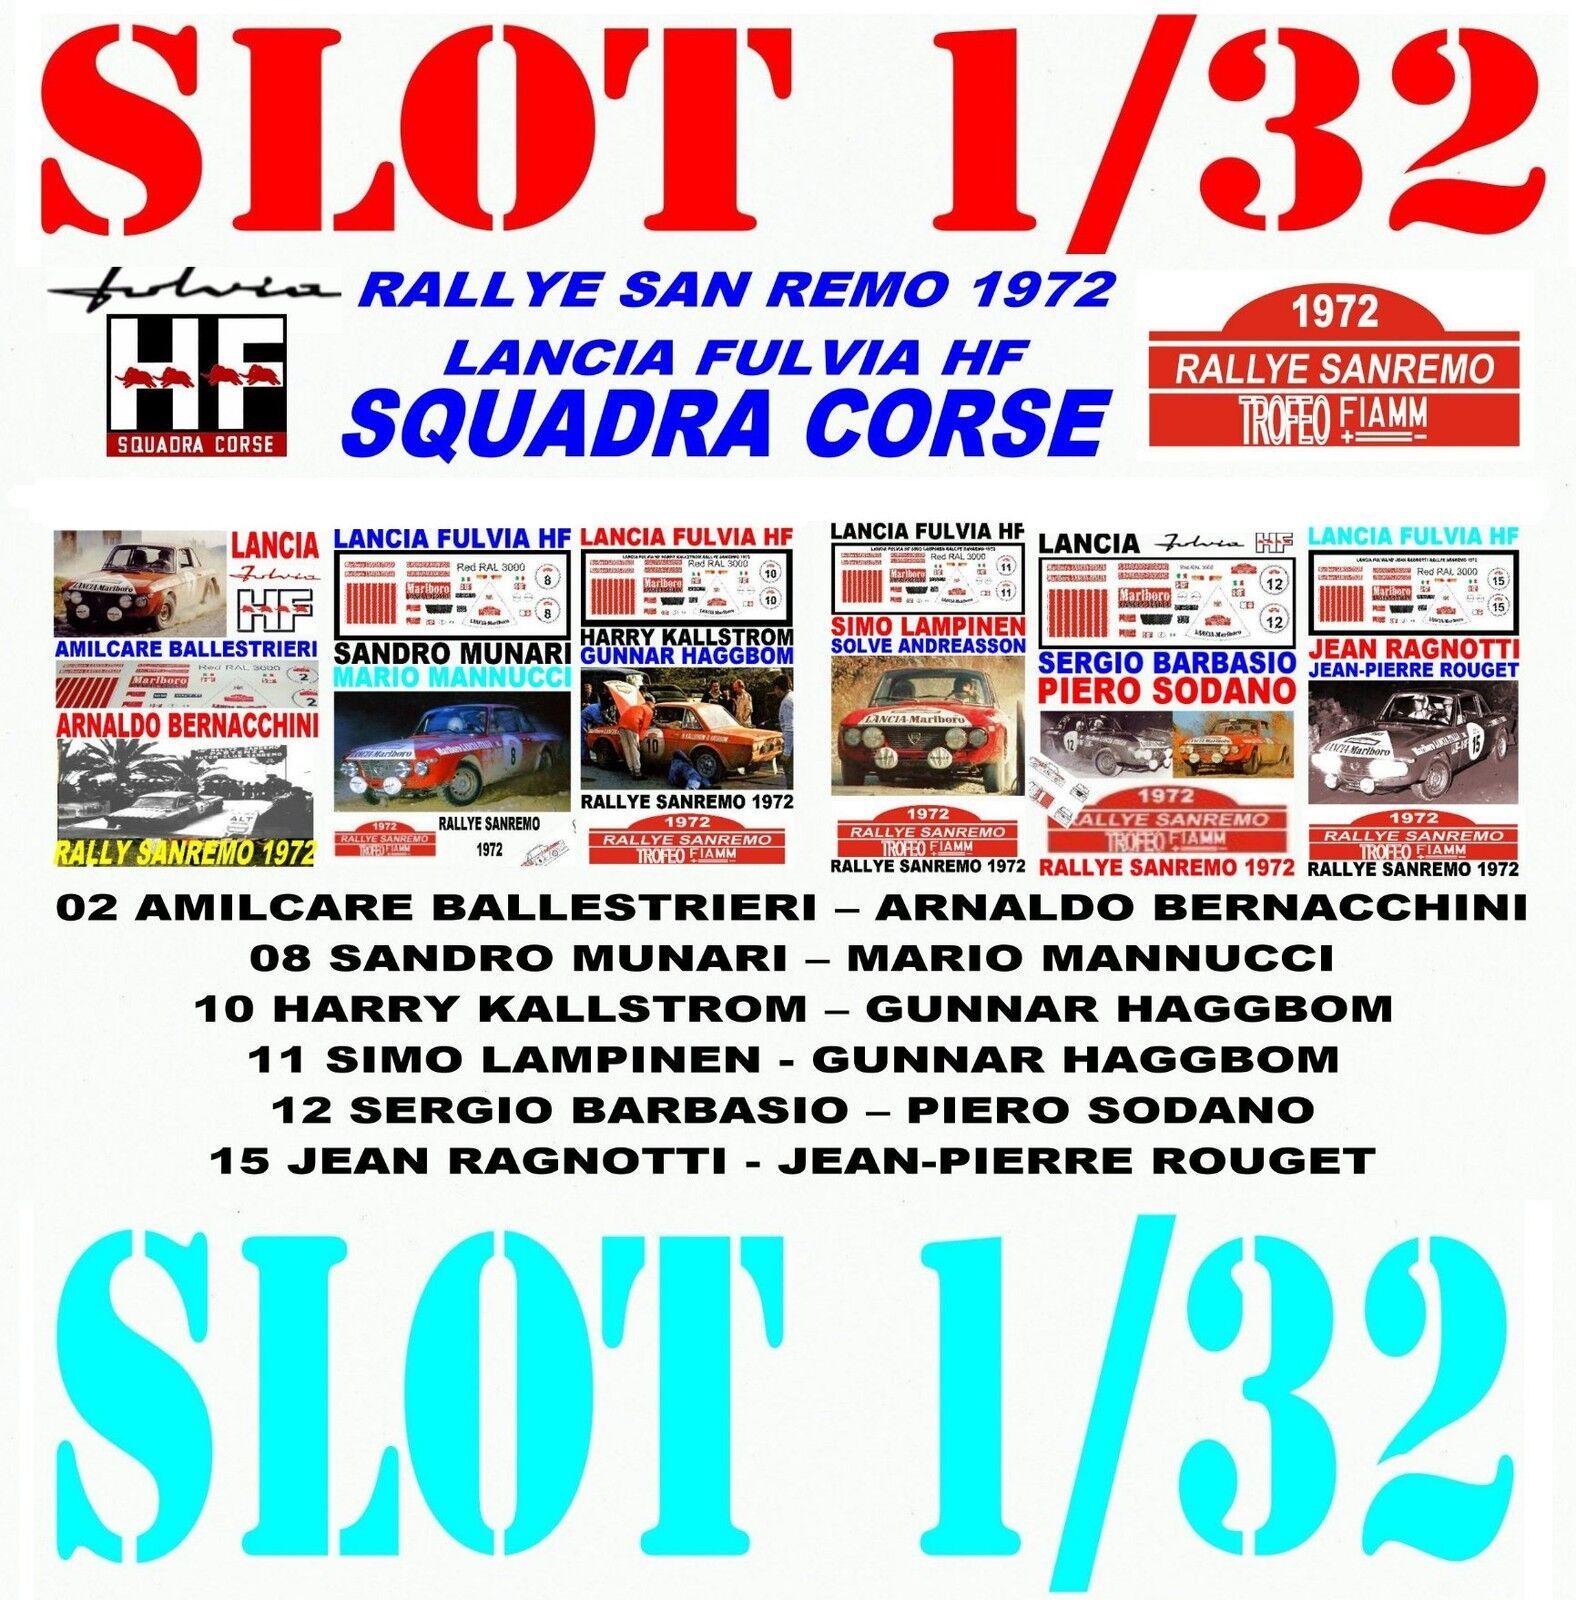 DECAL SLOT 1 32 SET RALLYE SAN REMO 1972 LANCIA FULVIA HF LANCIA TEAM (02)